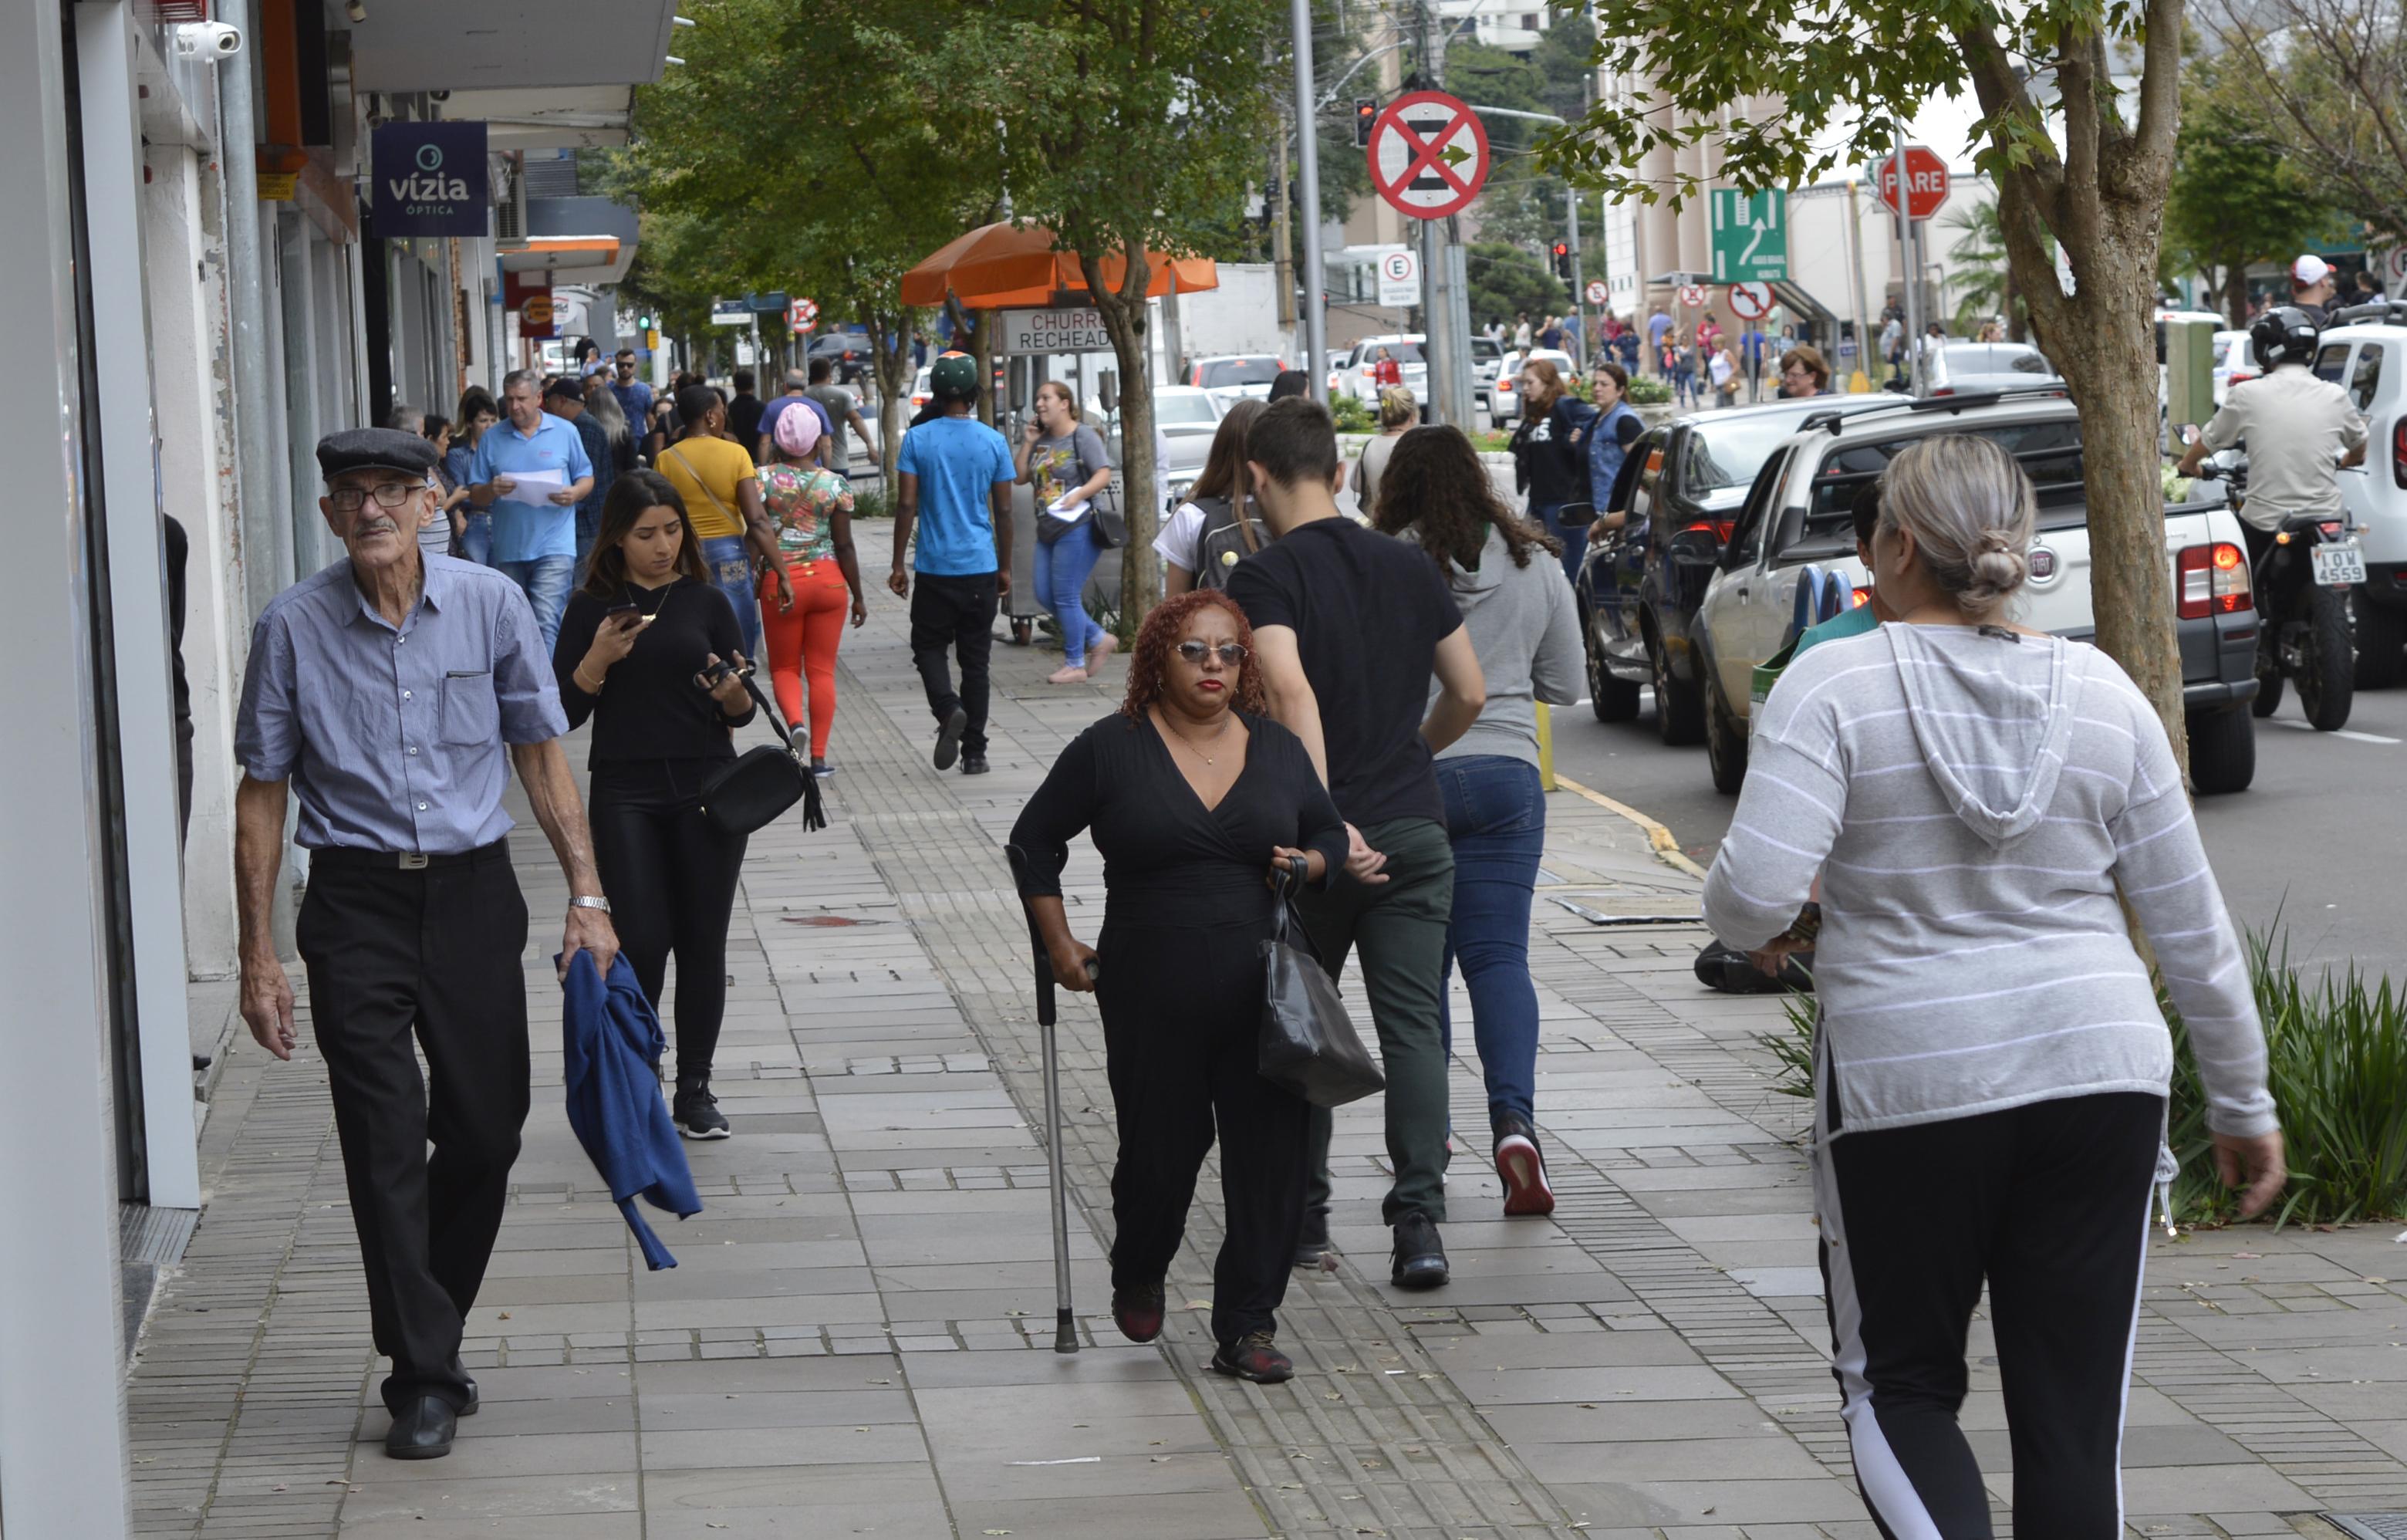 Livro Que Narra A História Do Comércio Local E Da CDL BG Será Lançado Em Agosto – Crédito Exata Comunicação